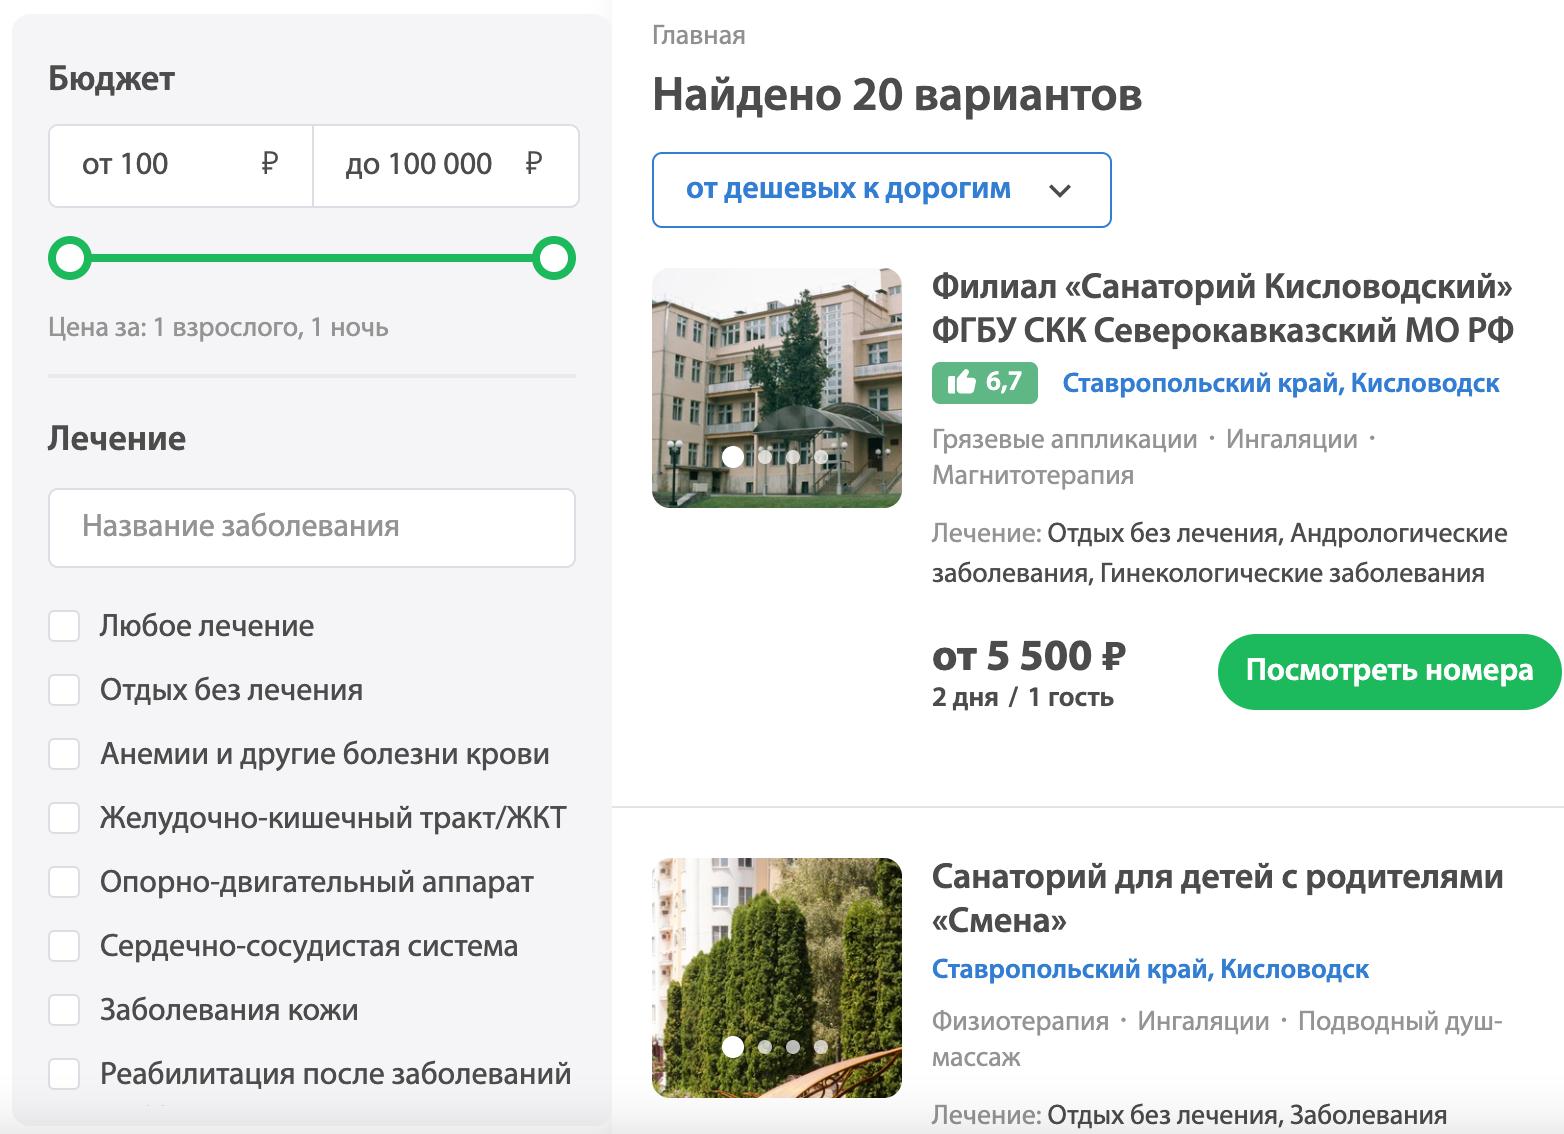 Лучшие санатории Кисловодска- Обзор 9 лучших +Ссылки с ценами